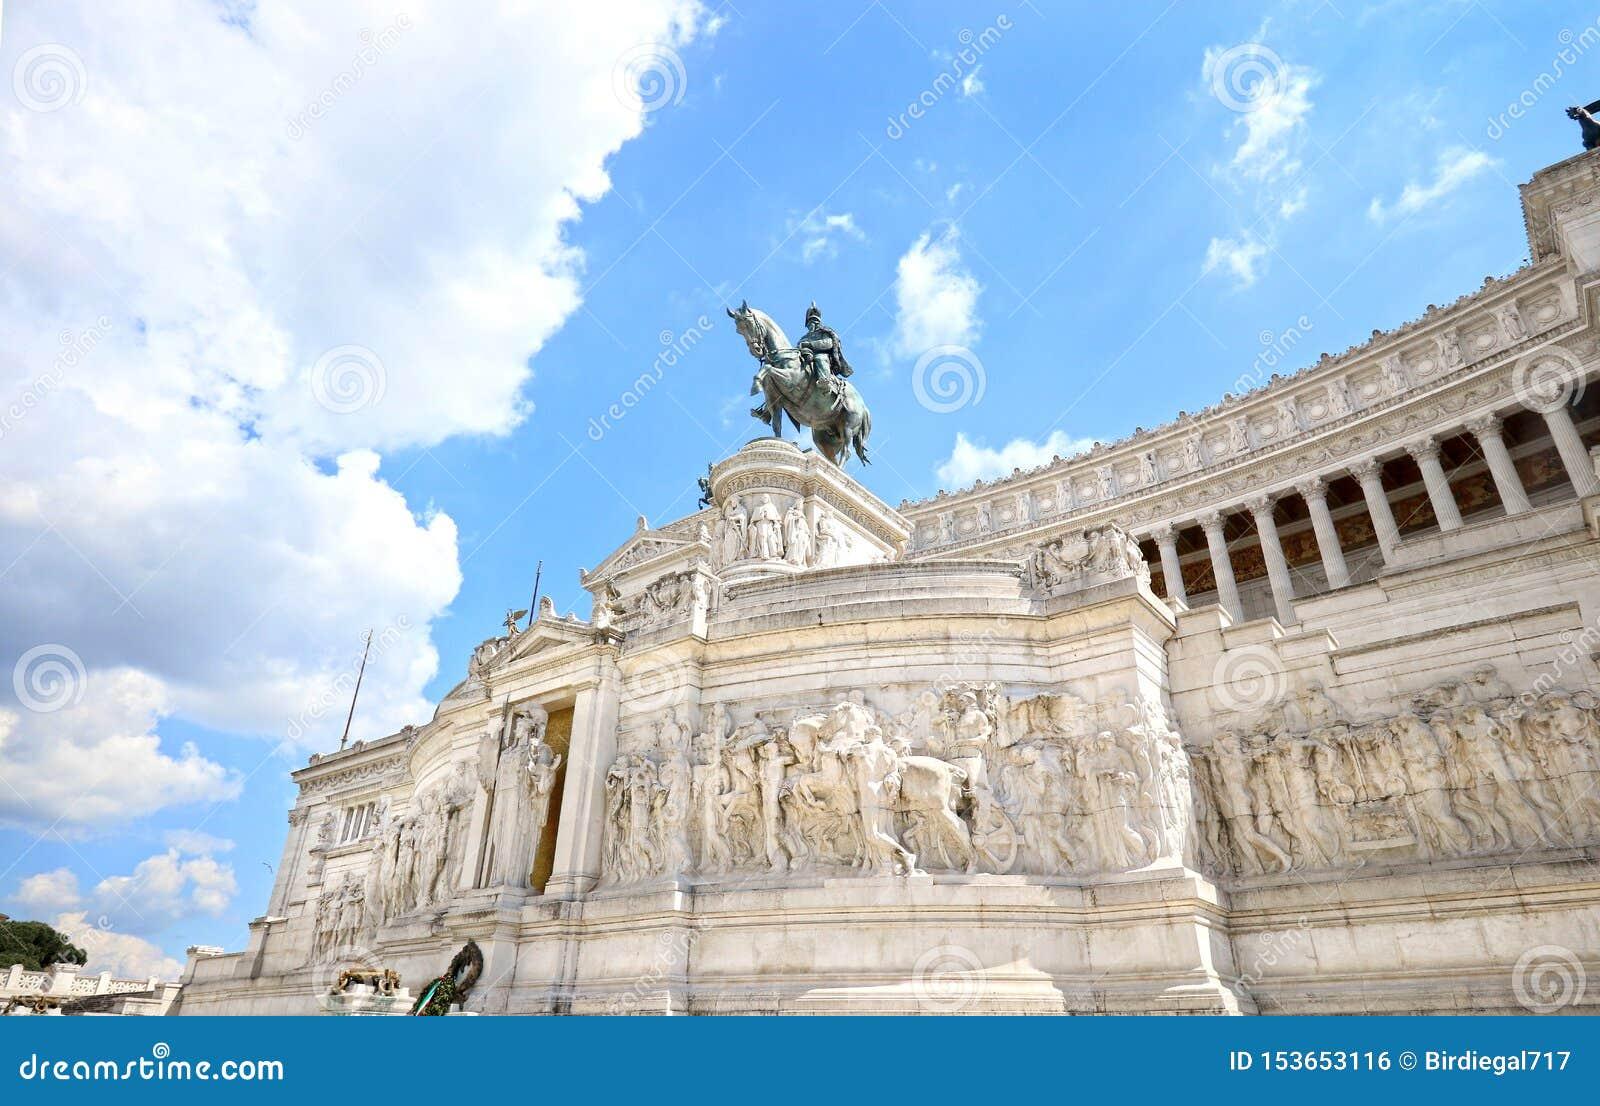 Le monument de Vittorio Emanuele II est un point de repère construit en l honneur de Victor Emmanuel II, le premier roi de l Ital